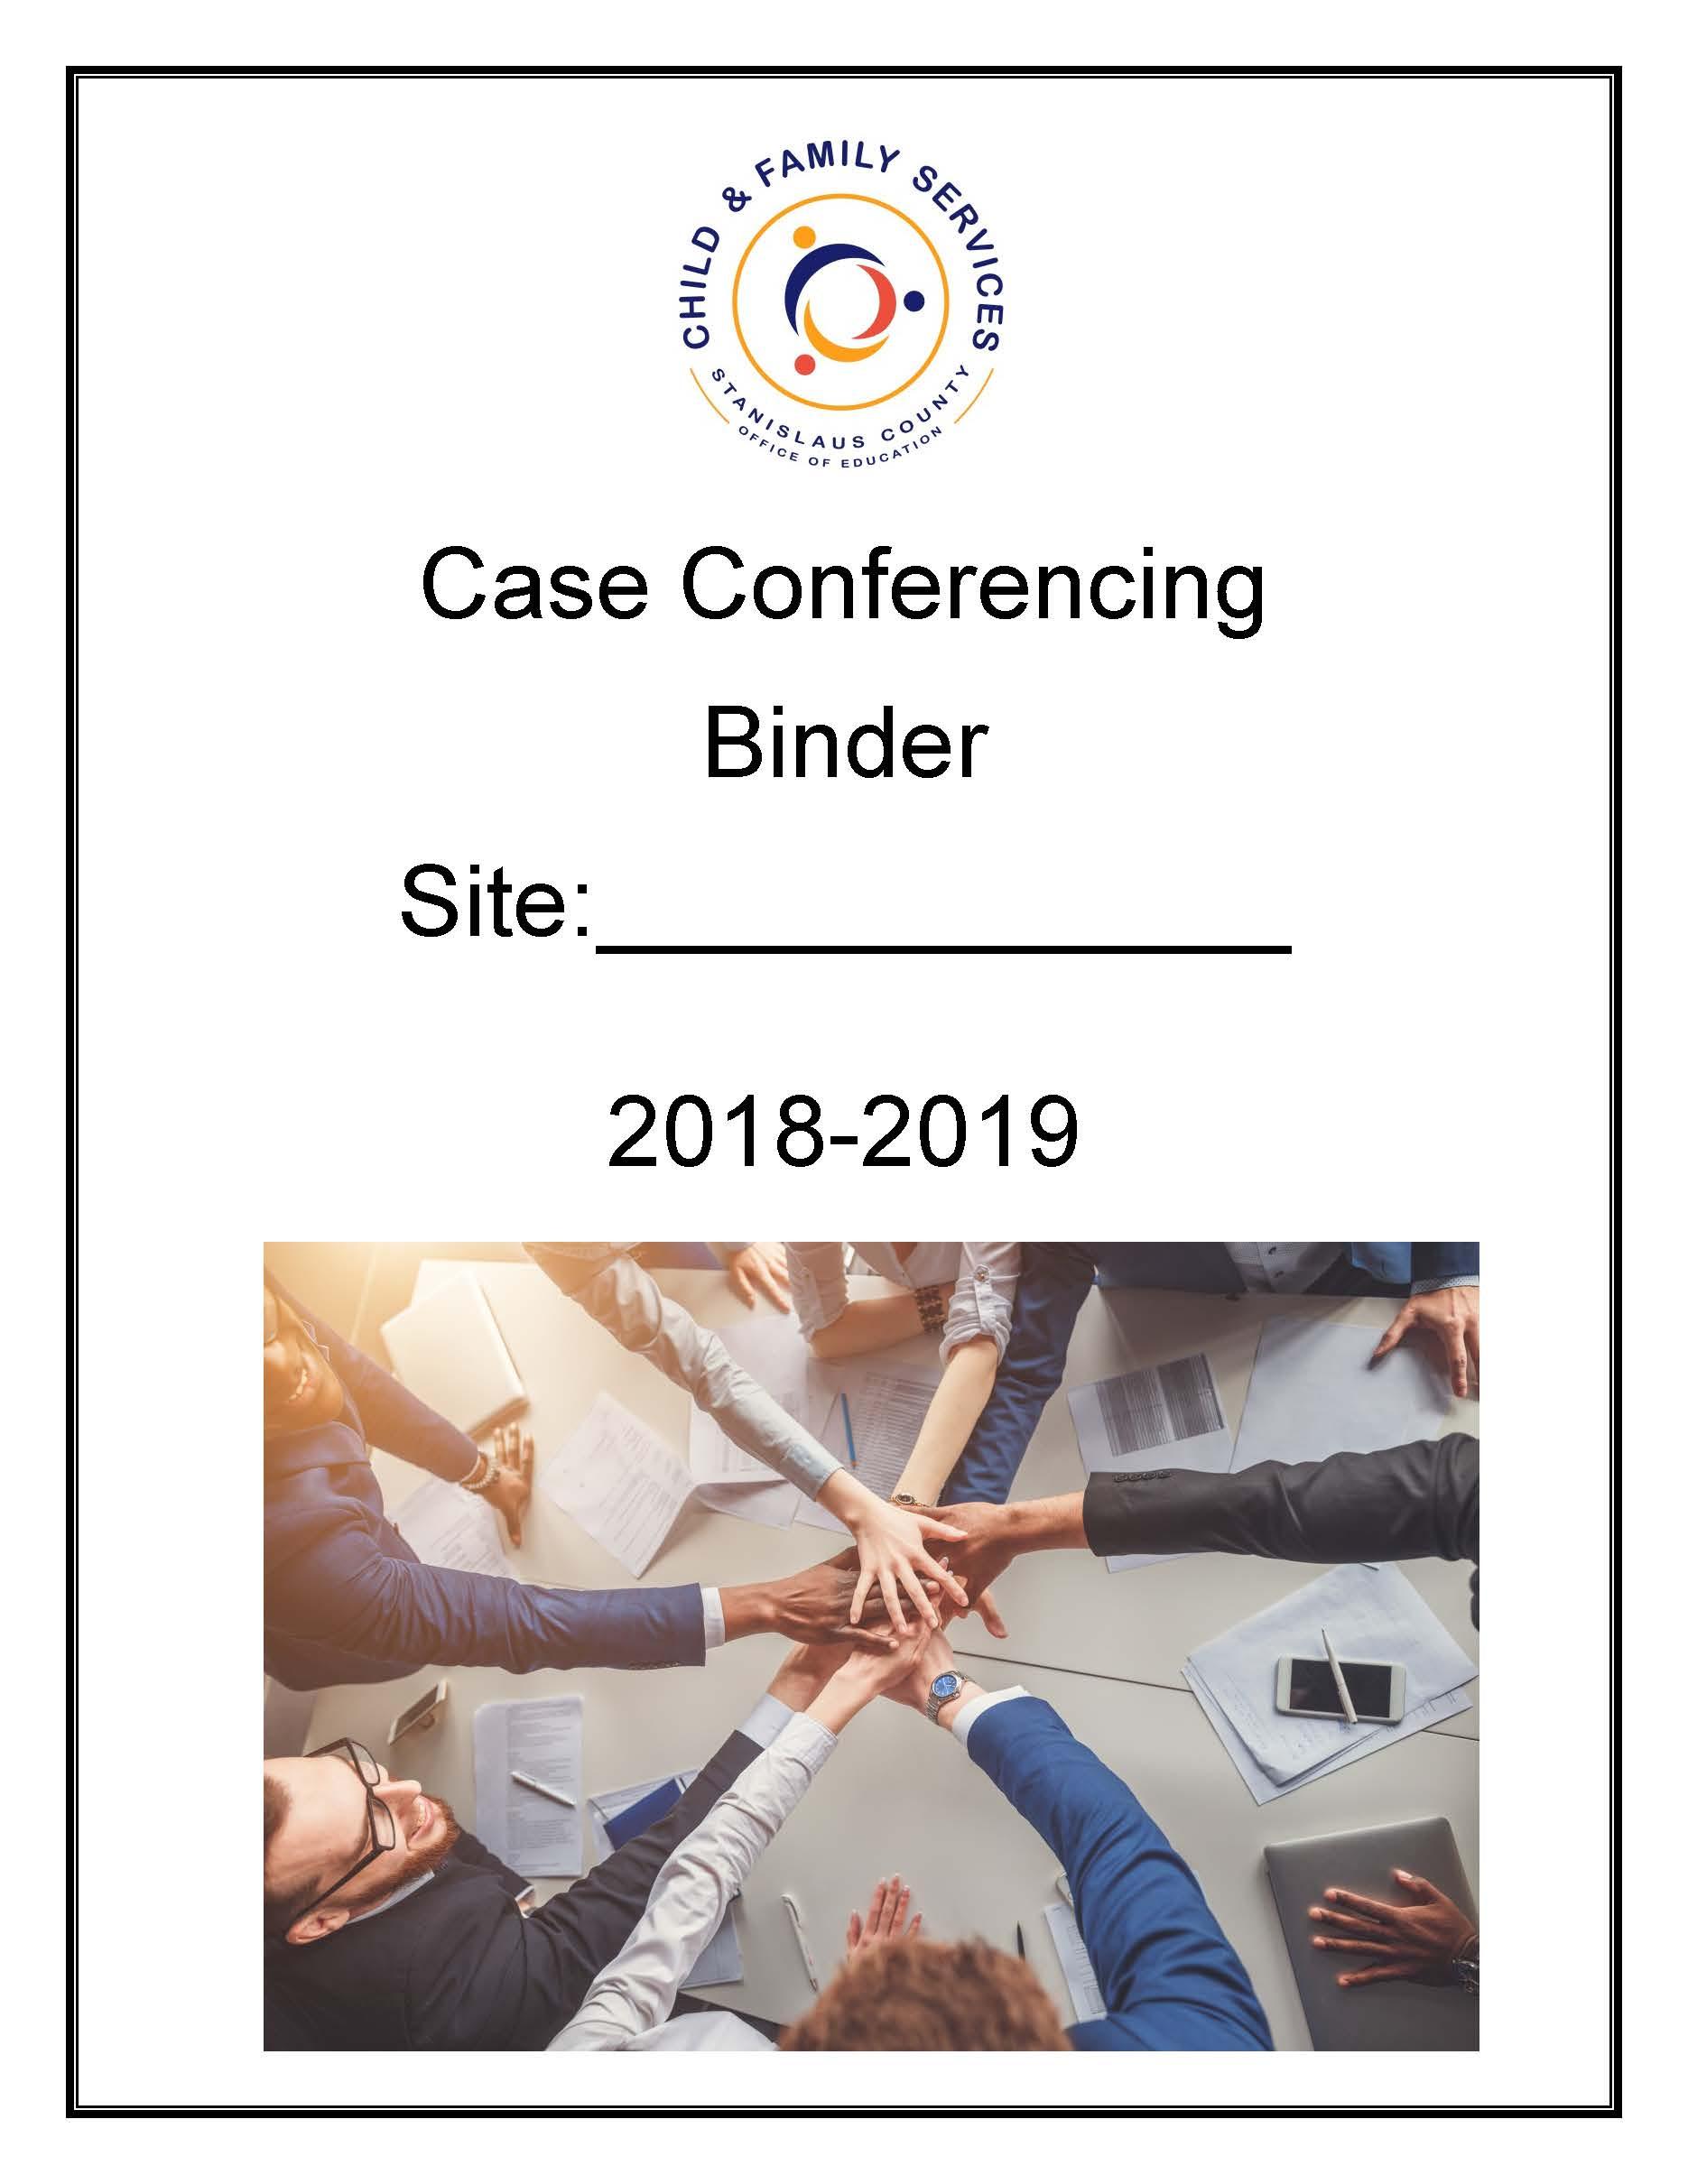 Case+Conference+Binder_Page_1.jpg